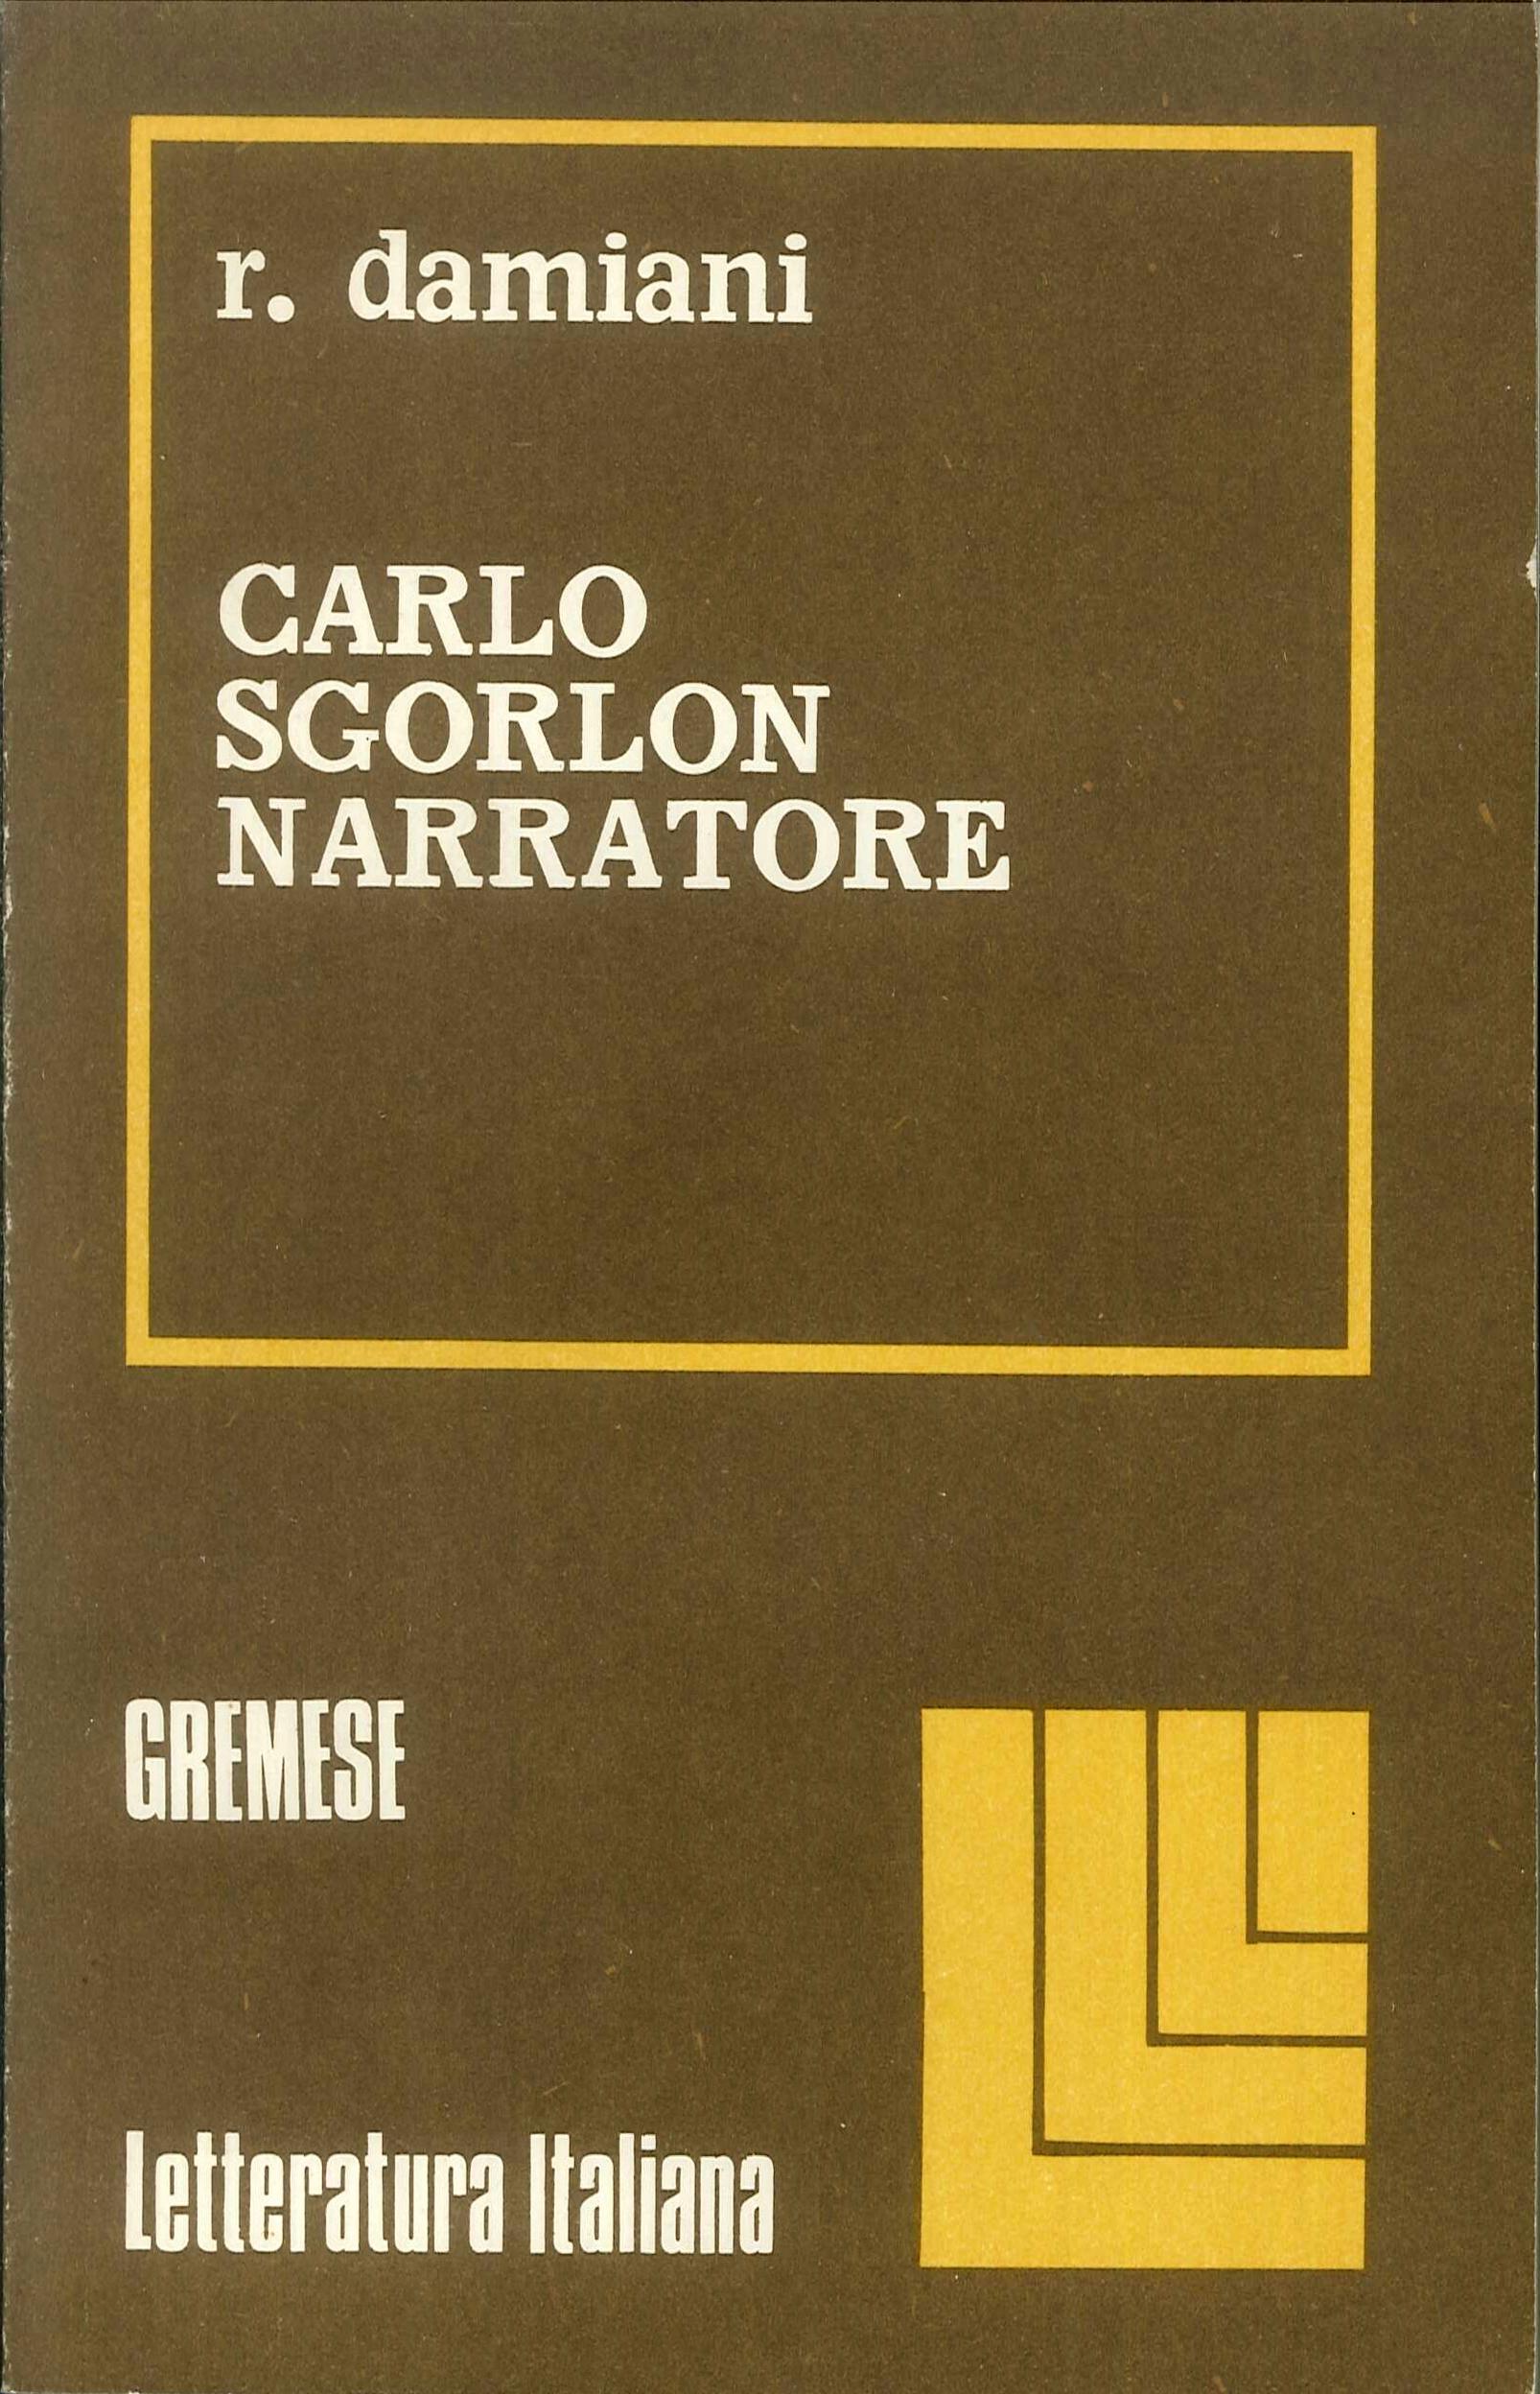 Carlo Sgorlon narratore